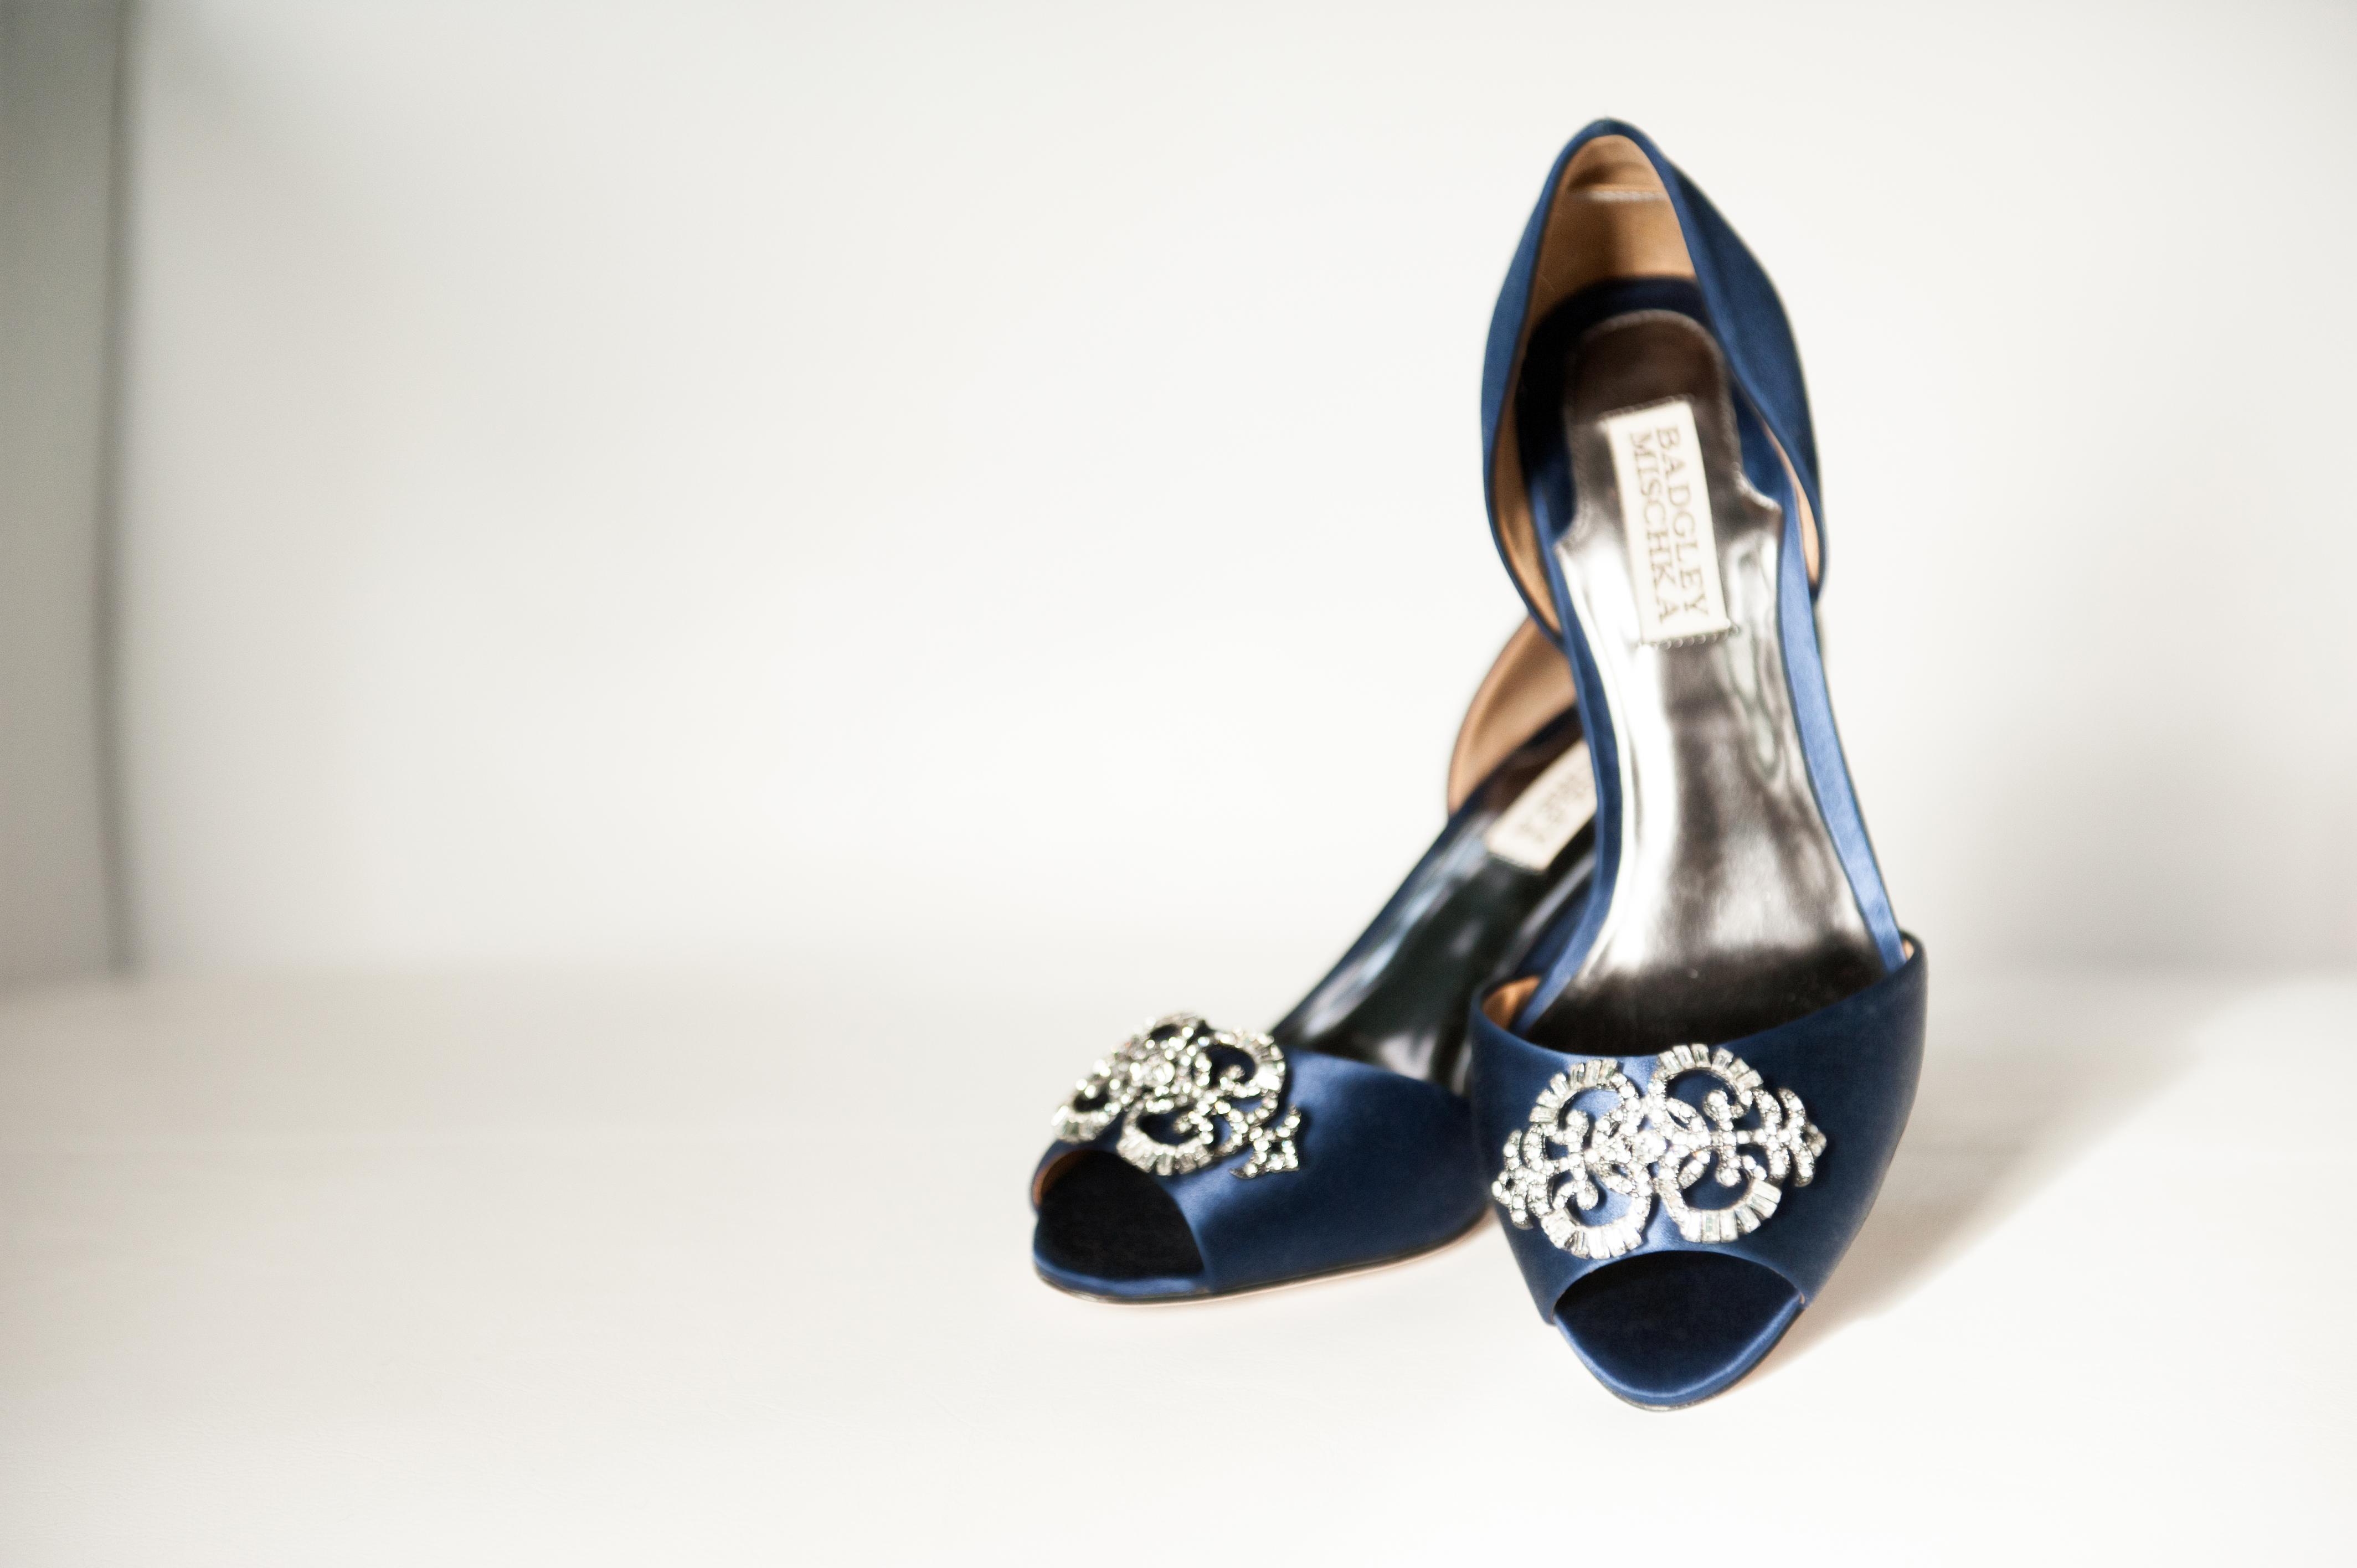 Bridal shoes low heel 2014 uk wedges flats designer photos pics navy bridal shoes bridal shoes low heel 2014 uk wedges flats designer photos pics images wallpapers junglespirit Images